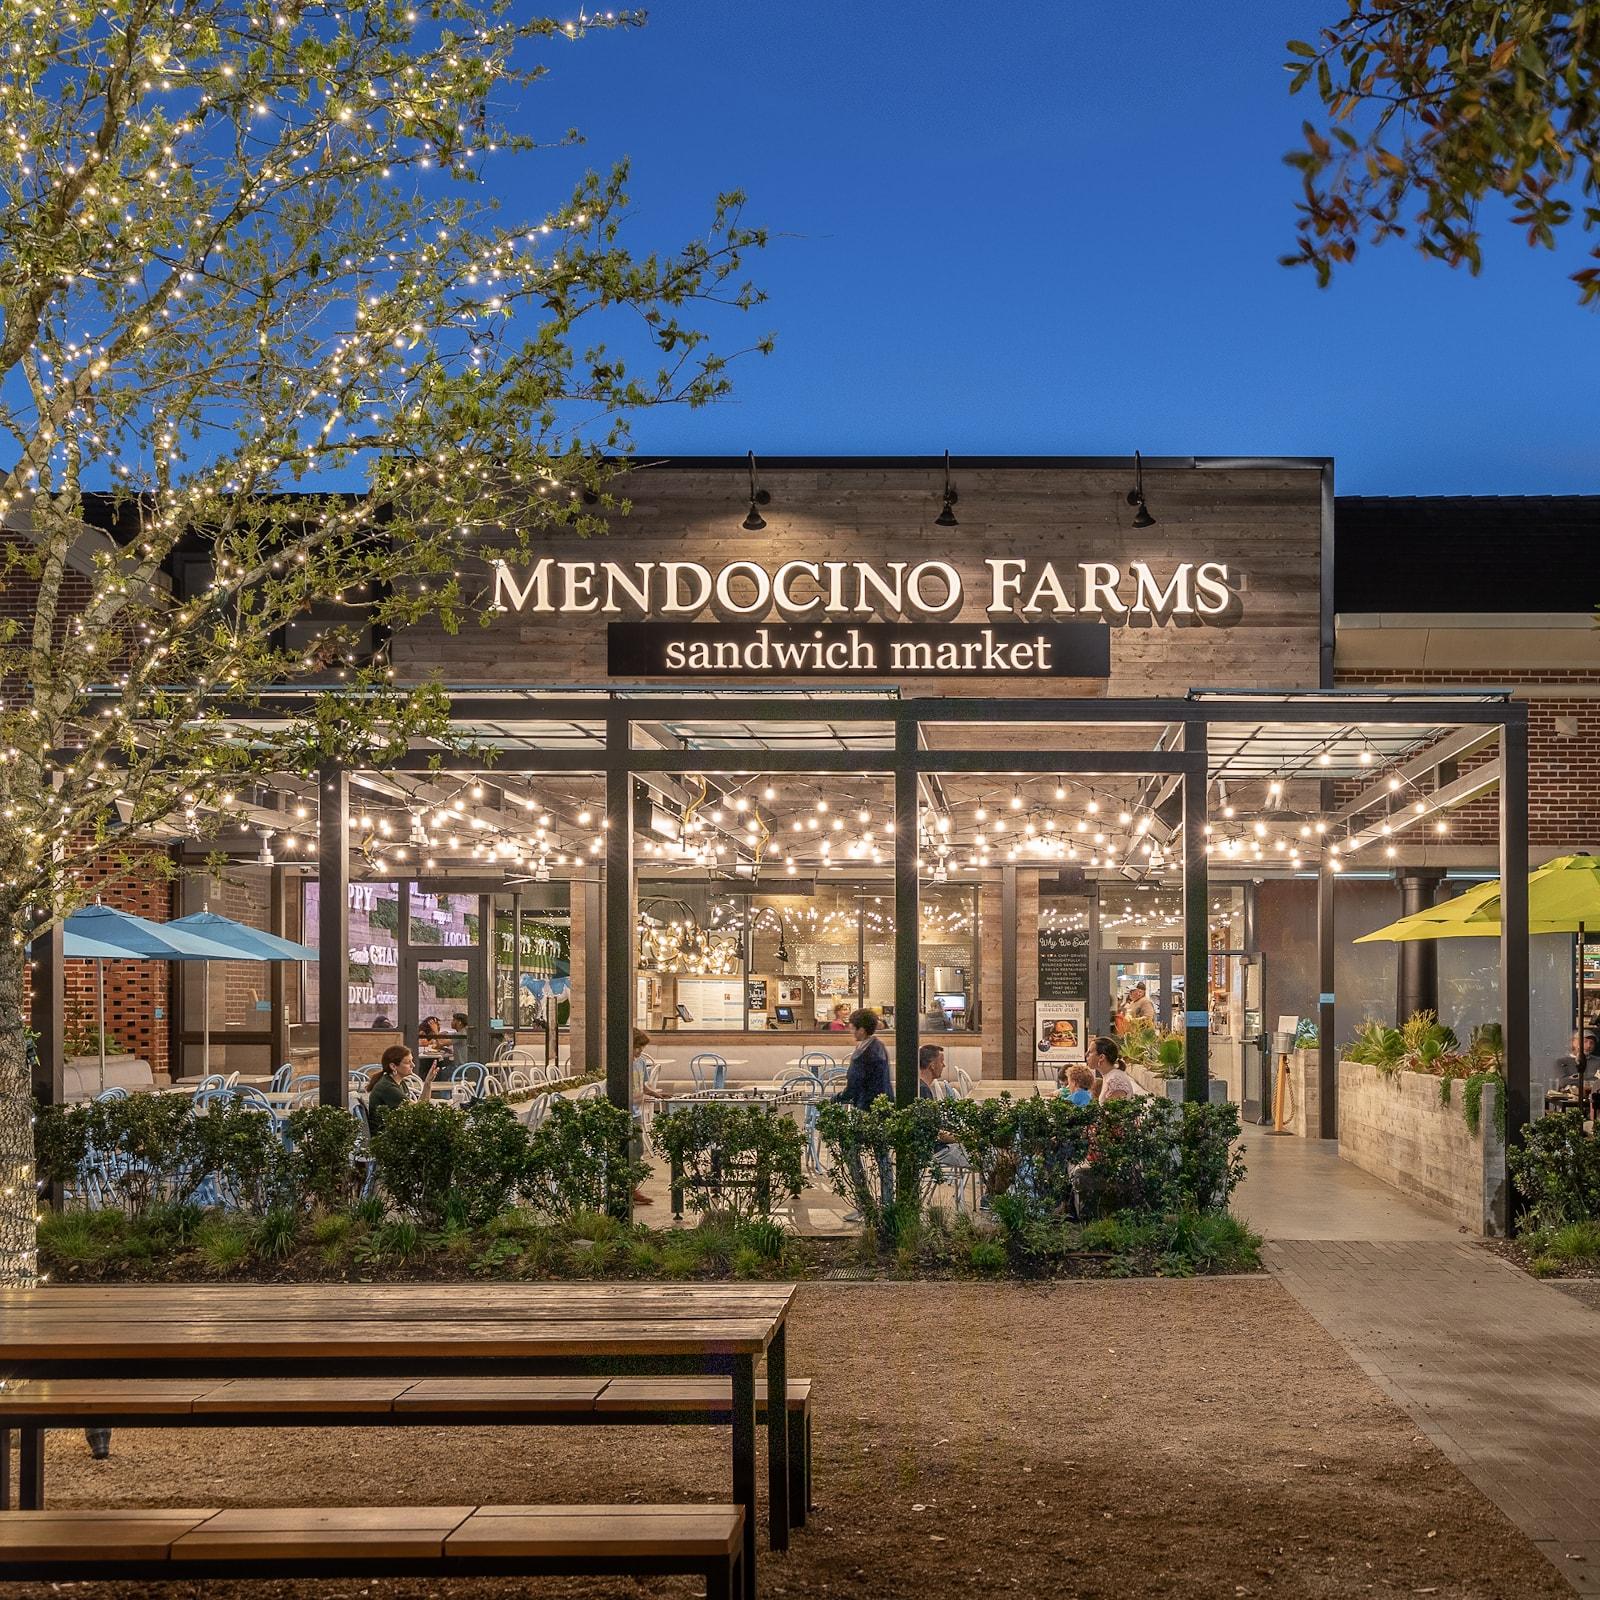 mendocino farms houston